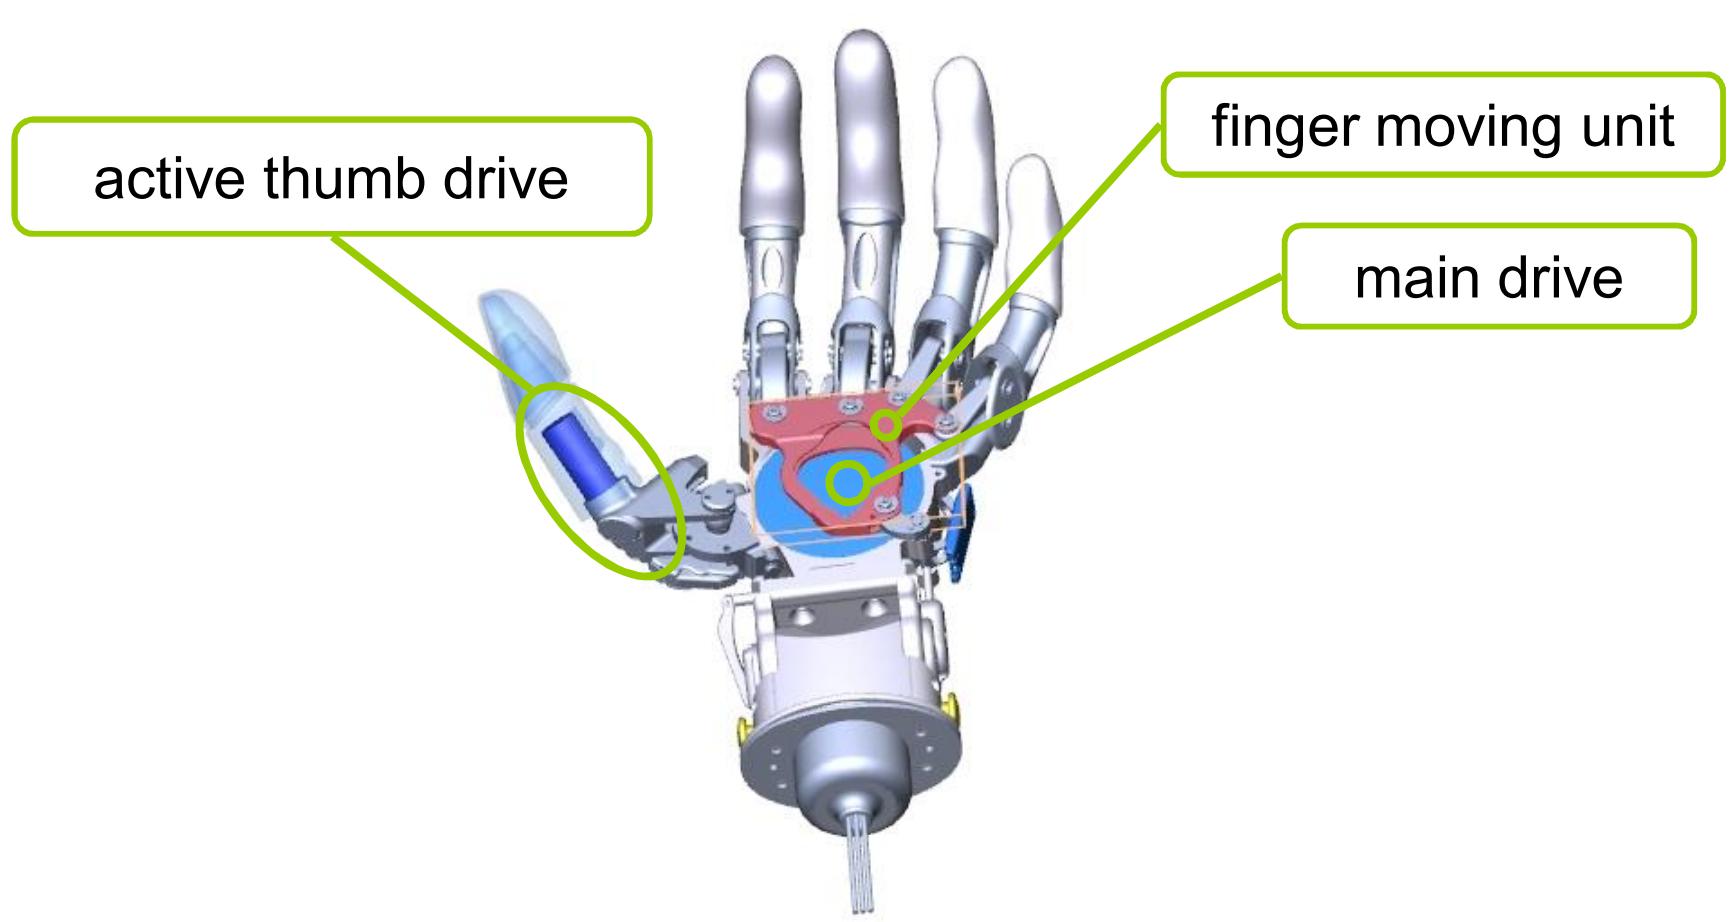 семь хватов биопротеза руки